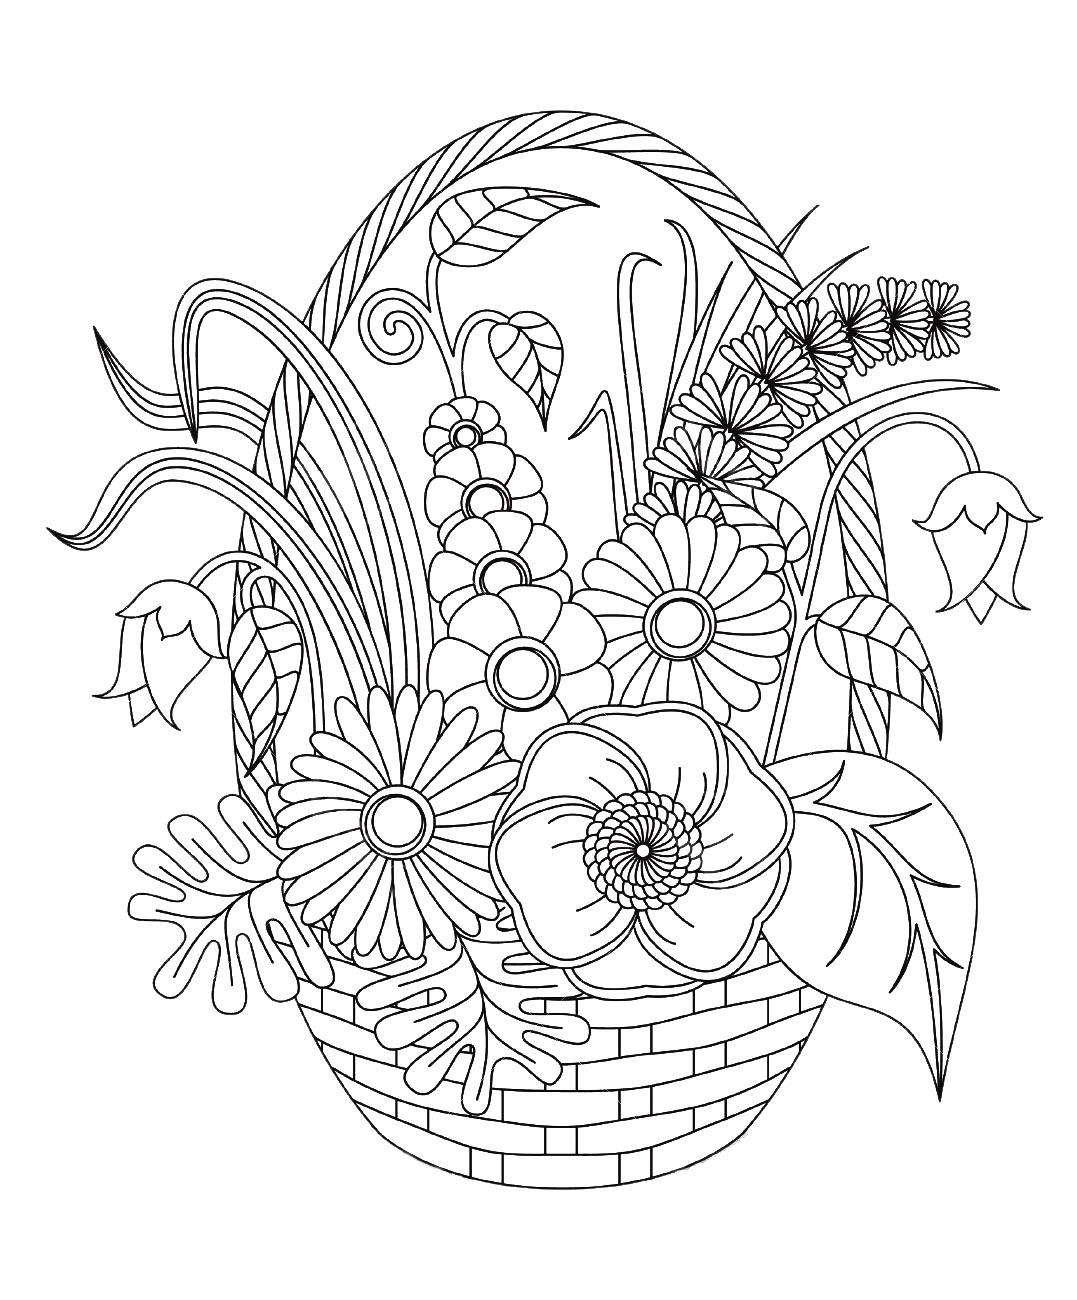 Fleurs et vegetation panier de printemps coloriages de - Mandala fleur ...